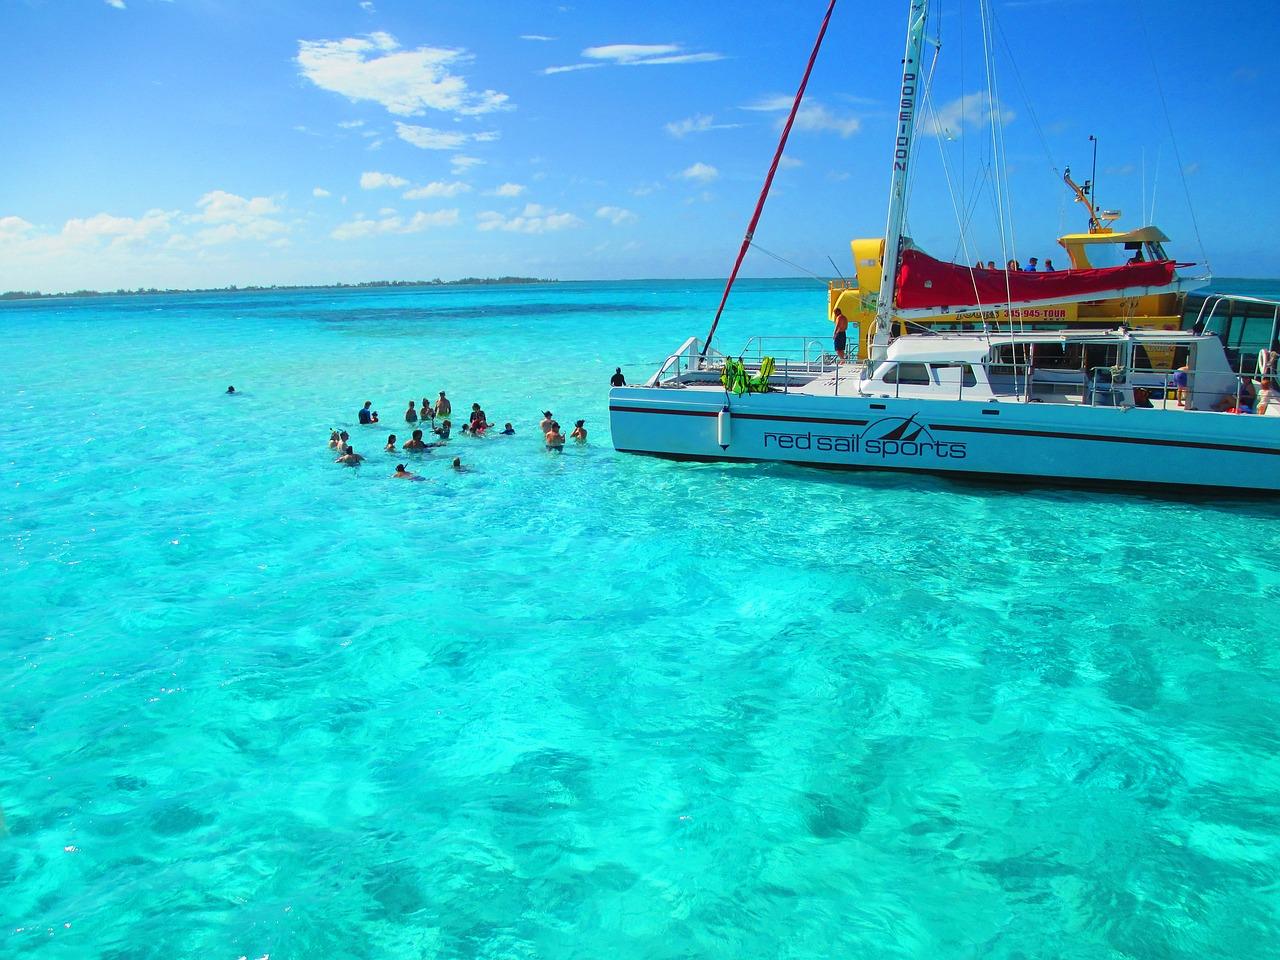 goede voornemens, partyboot, feestje op een catamaran, organiseer een feest op een boot